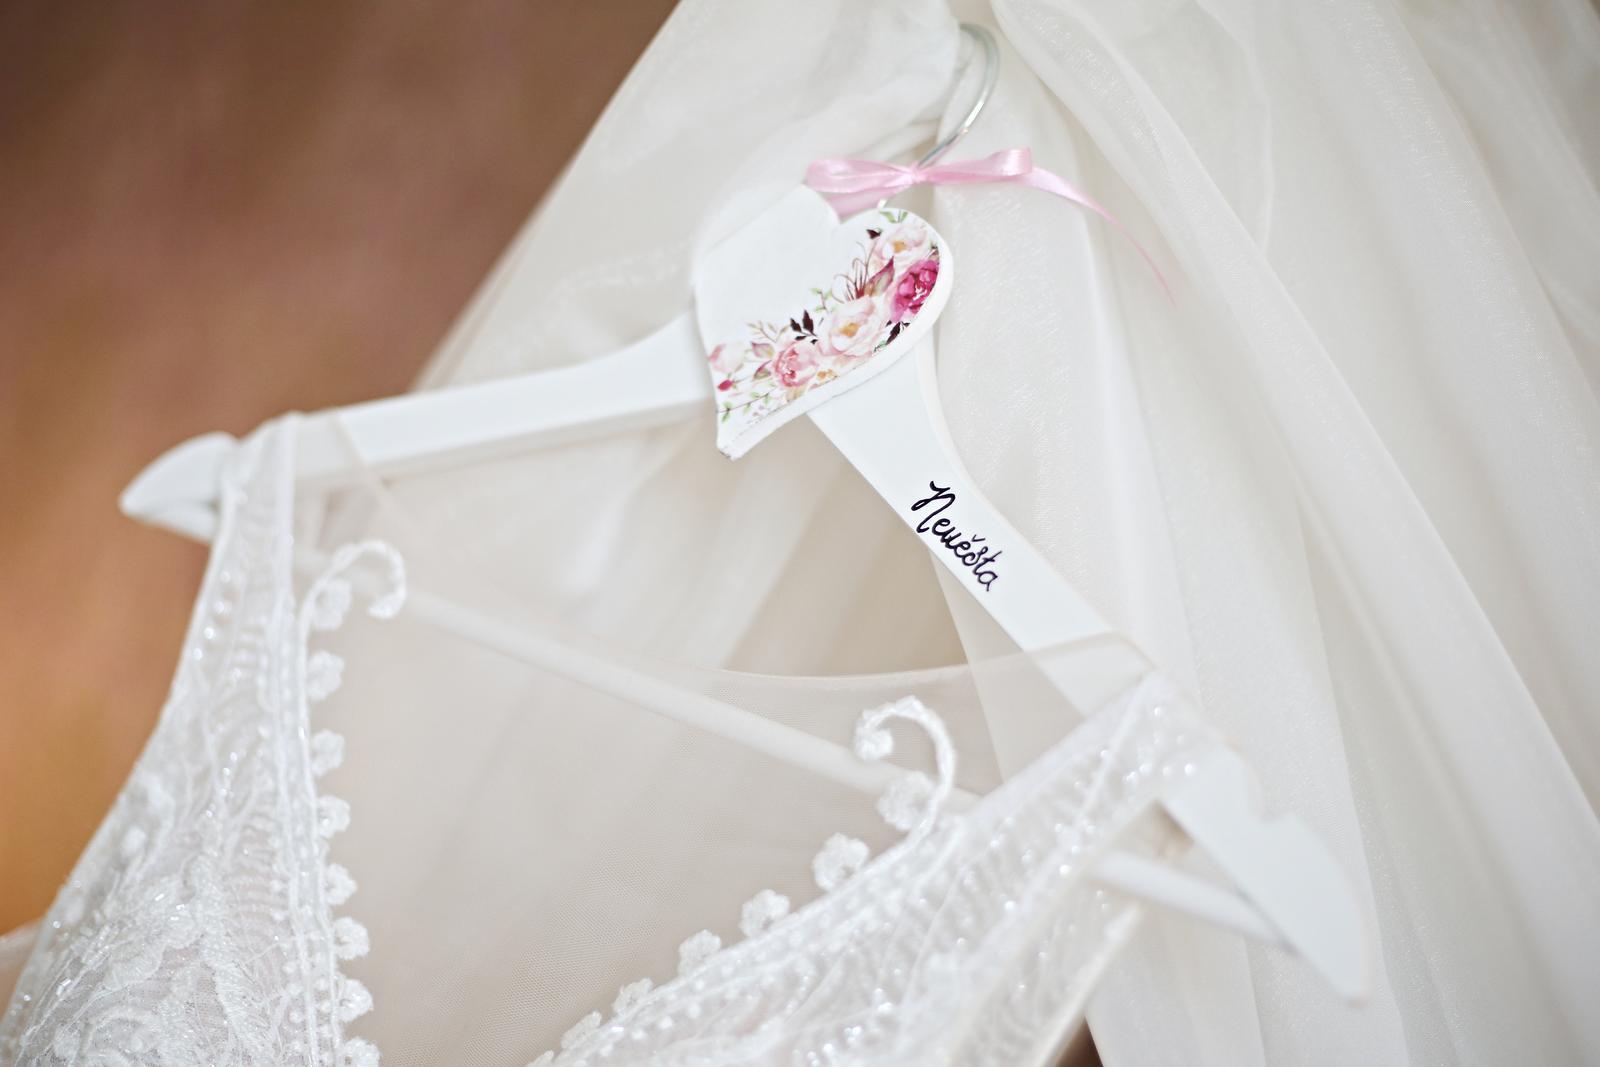 Ramínka ženich a nevěsta a visačky na dveře - Obrázek č. 1